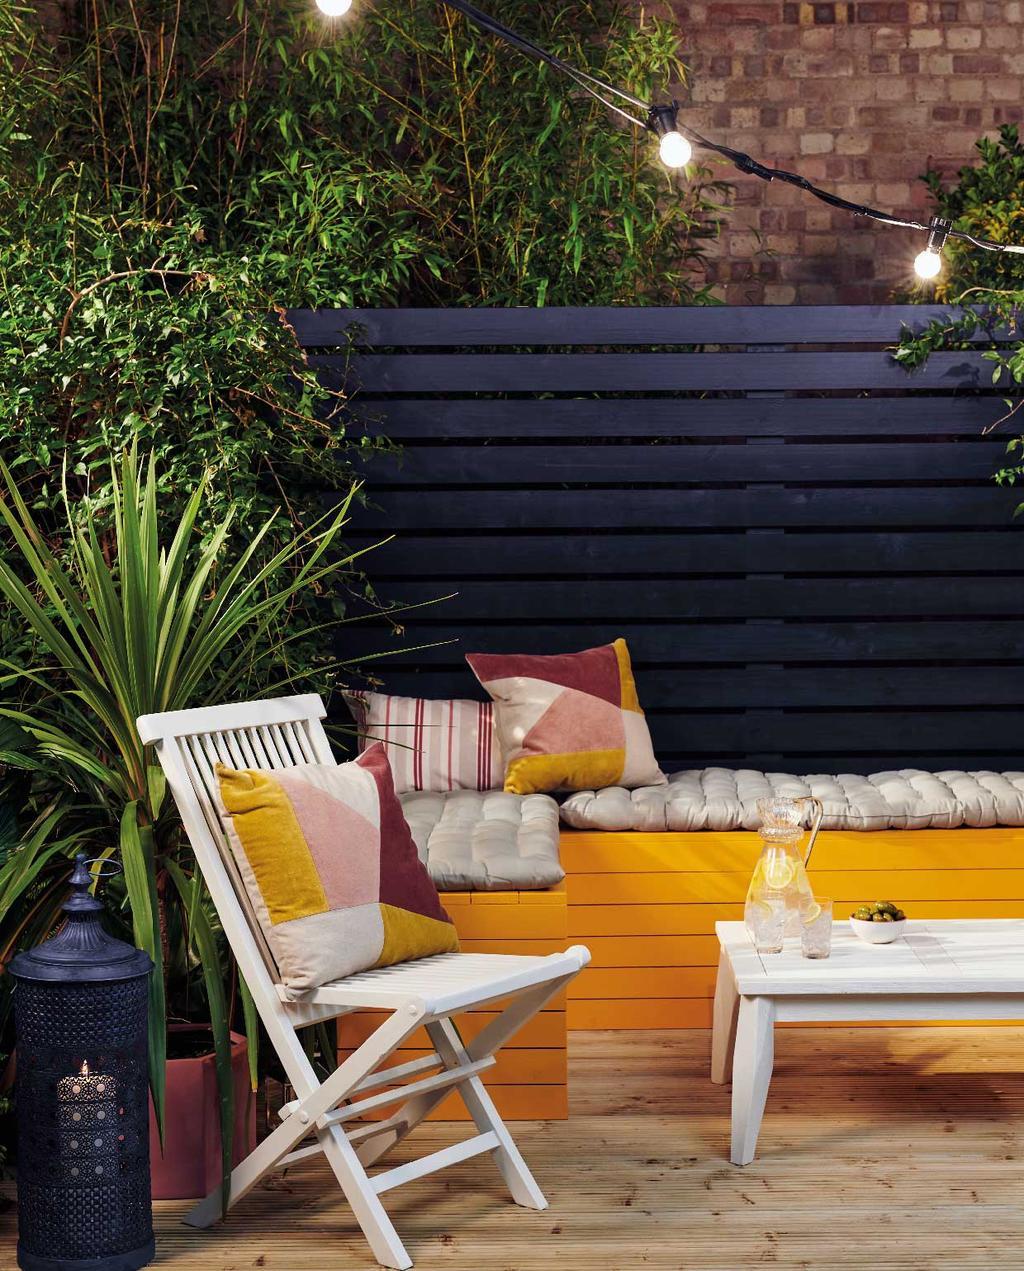 vtwonen blog Kristel | kleur kiezen in tuin blauwe schutting en oranje bank